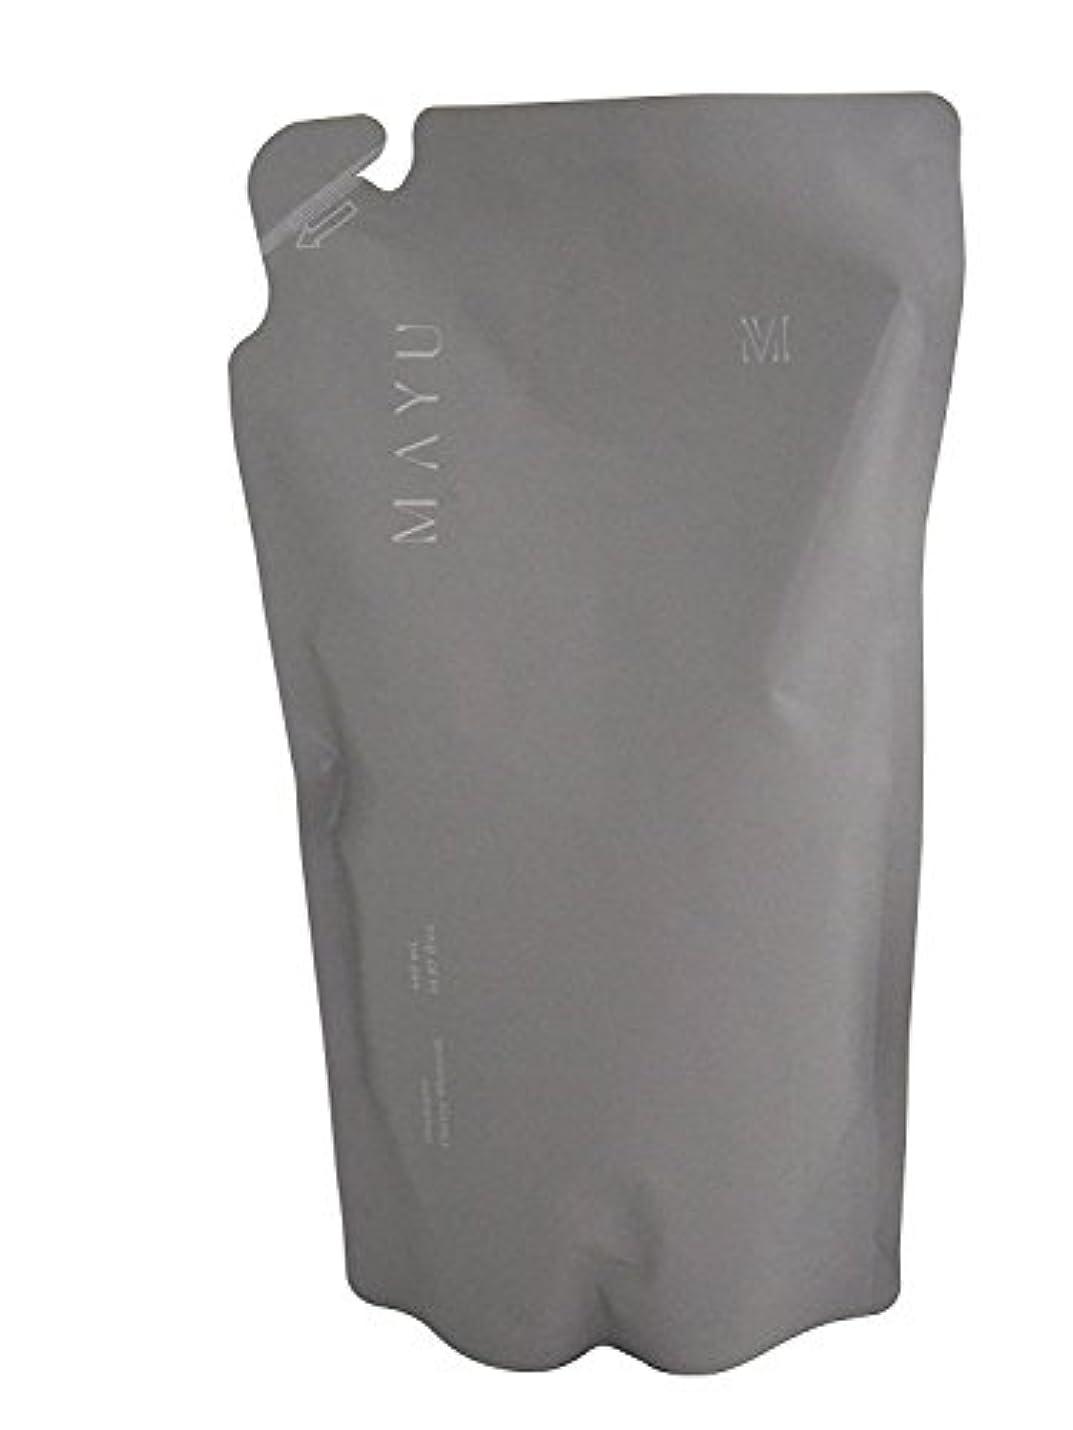 気球カーペット駅【365Plus】 MAYU さくらの香りシャンプー リフィル(440ml) 1本入り